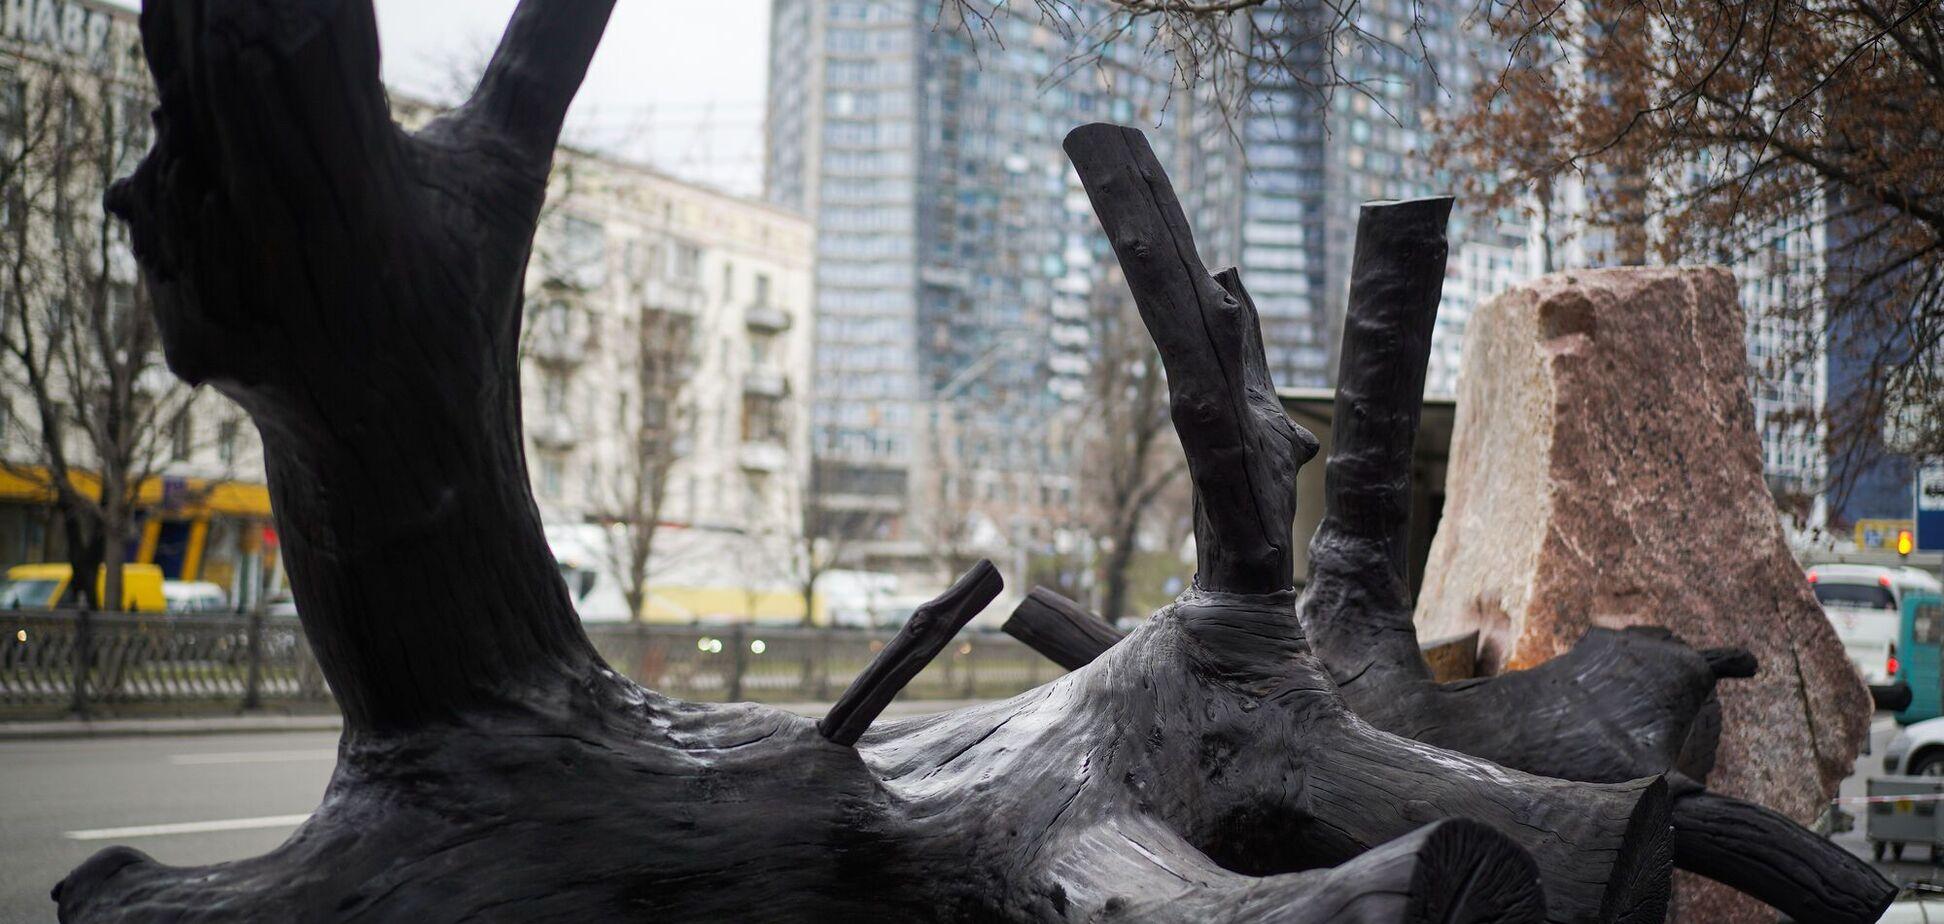 У Києвіз'явиться інсталяція до Міжнародного дня пам'яті жертв Голокосту: який вигляд матиме